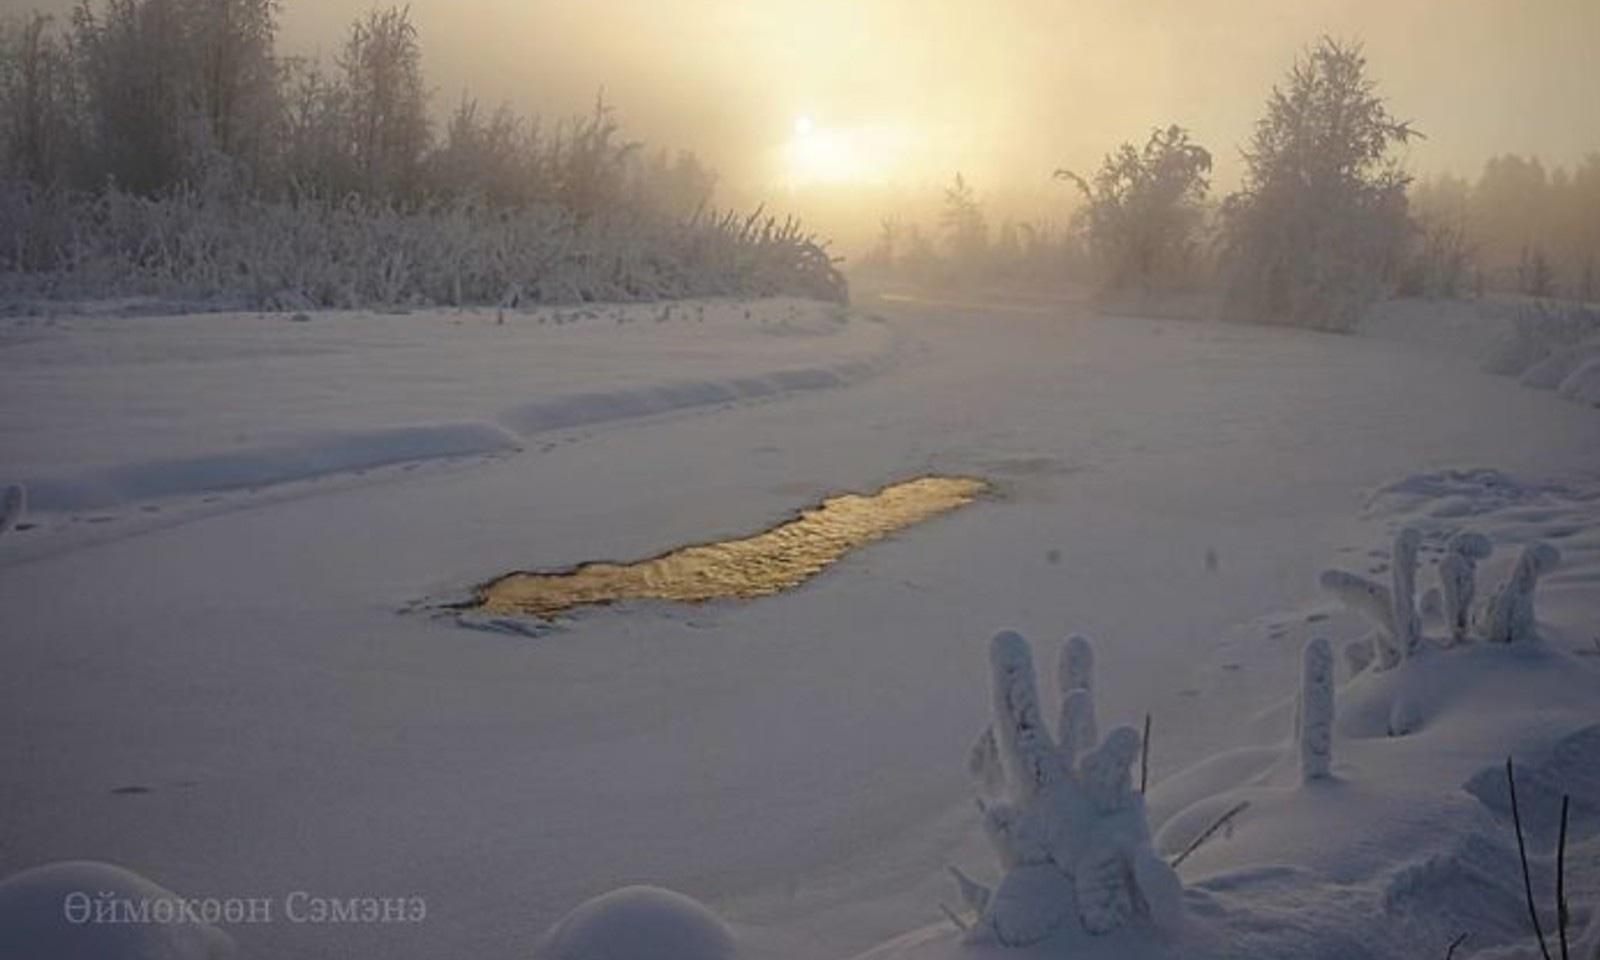 فوٹو بشکریہ sivtsevsema958 انسٹاگرام پیج